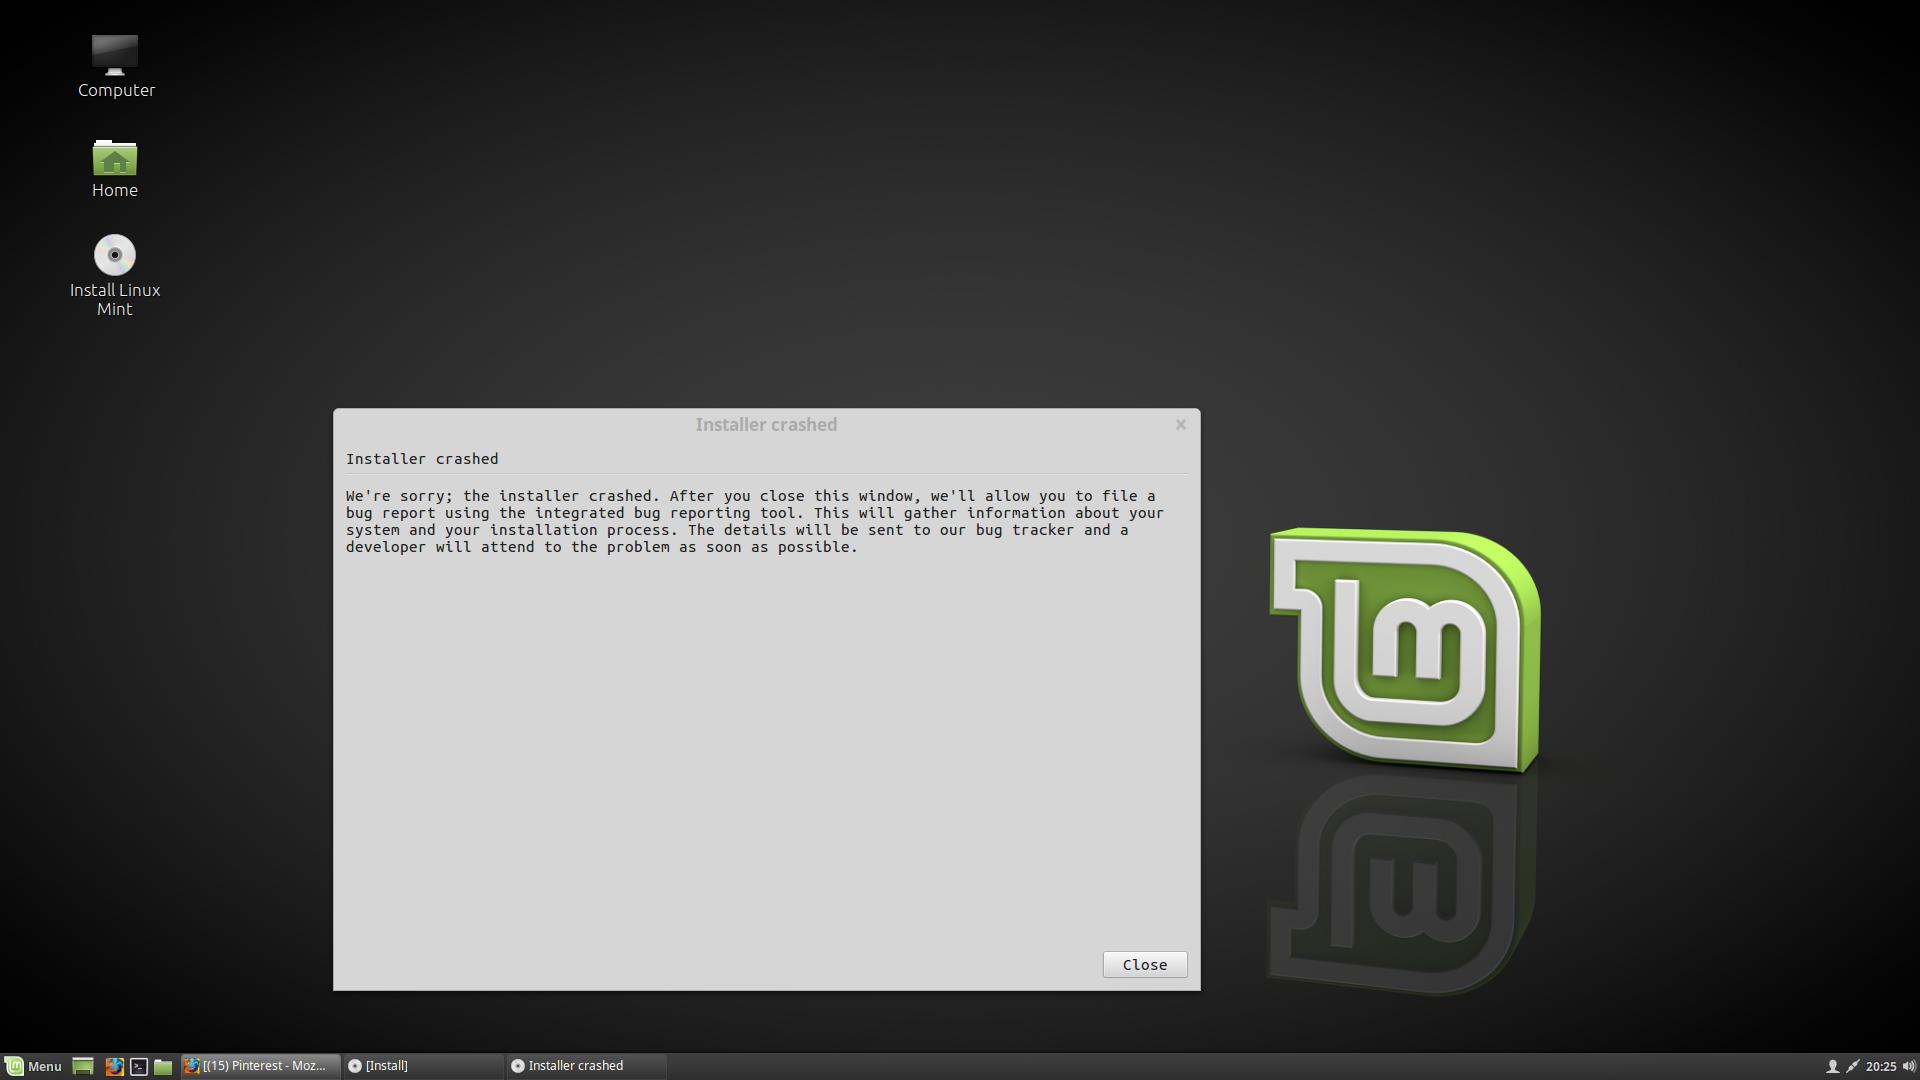 Installer Crashed Error During Linux Mint 19 04 Linux Mint Linux Informative